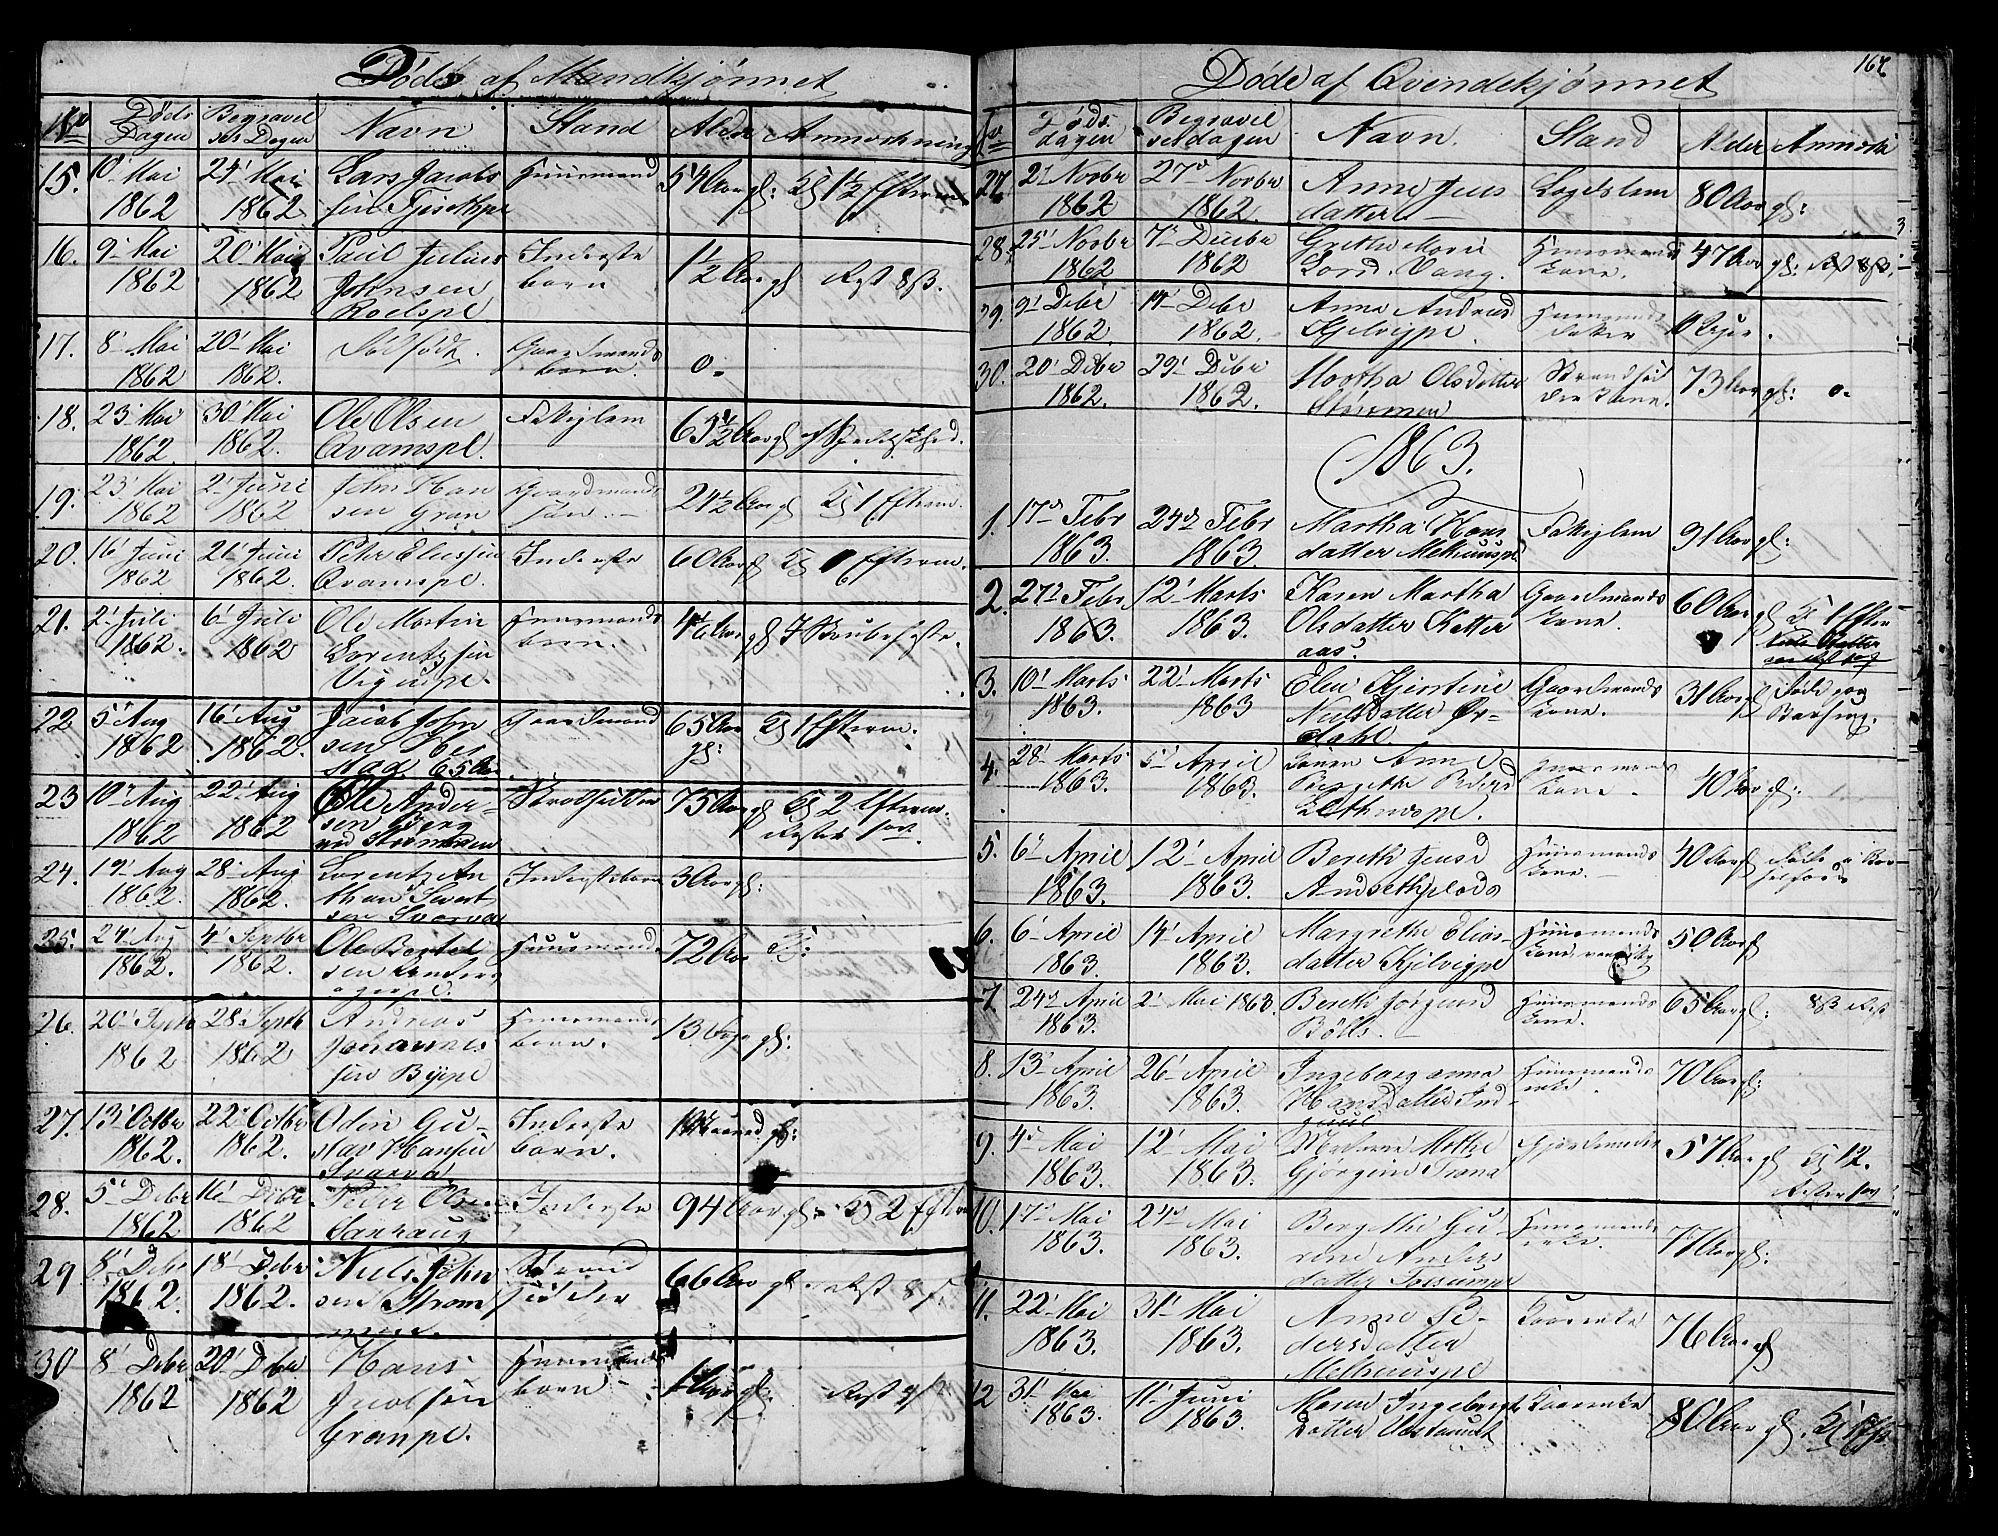 SAT, Ministerialprotokoller, klokkerbøker og fødselsregistre - Nord-Trøndelag, 730/L0299: Klokkerbok nr. 730C02, 1849-1871, s. 167